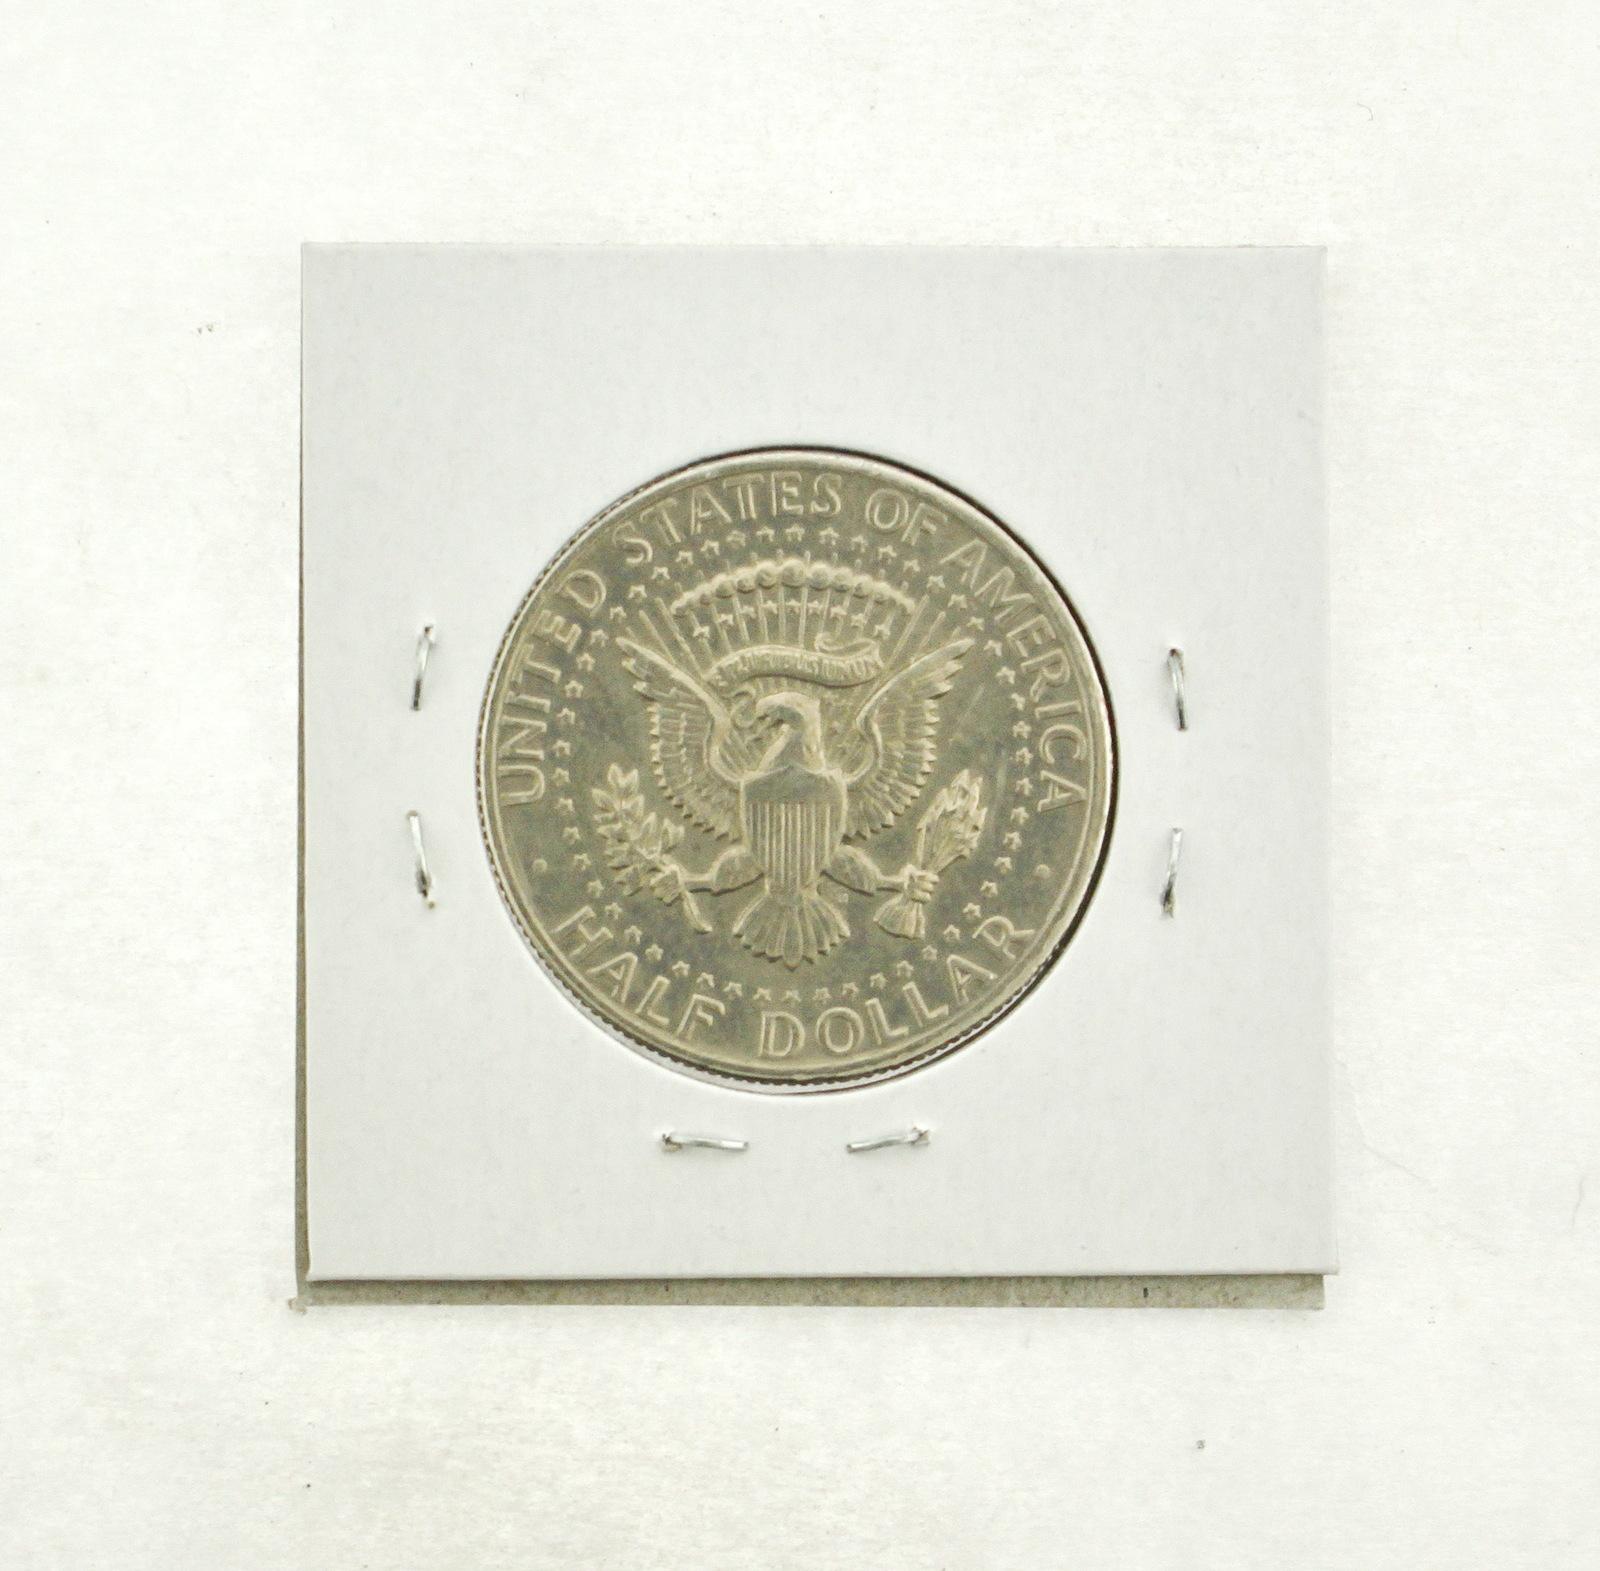 1971-D Kennedy Half Dollar (F) Fine N2-3467-21